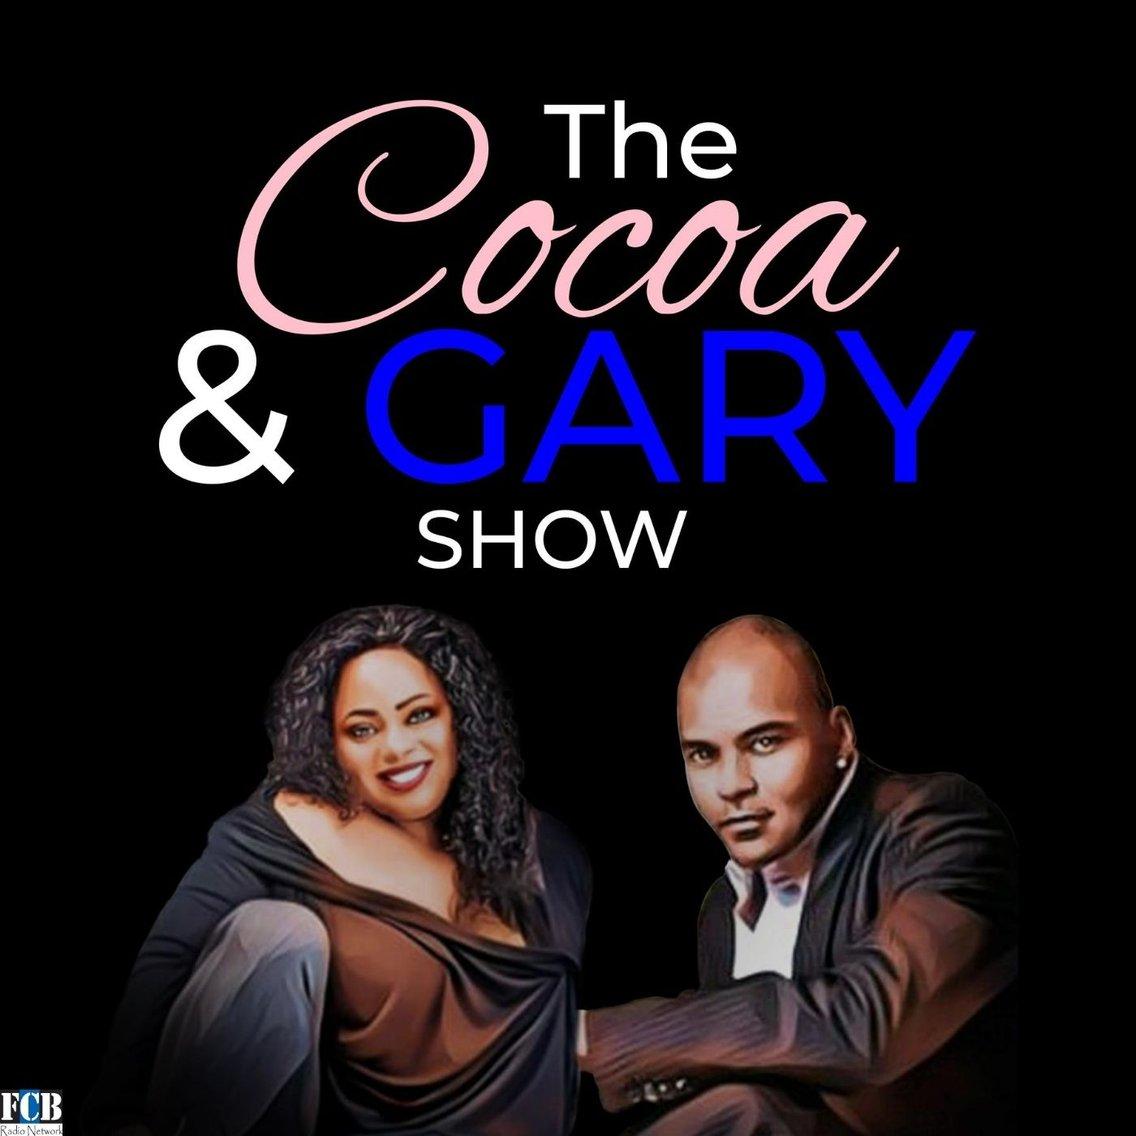 The Cocoa and Gary Show - immagine di copertina